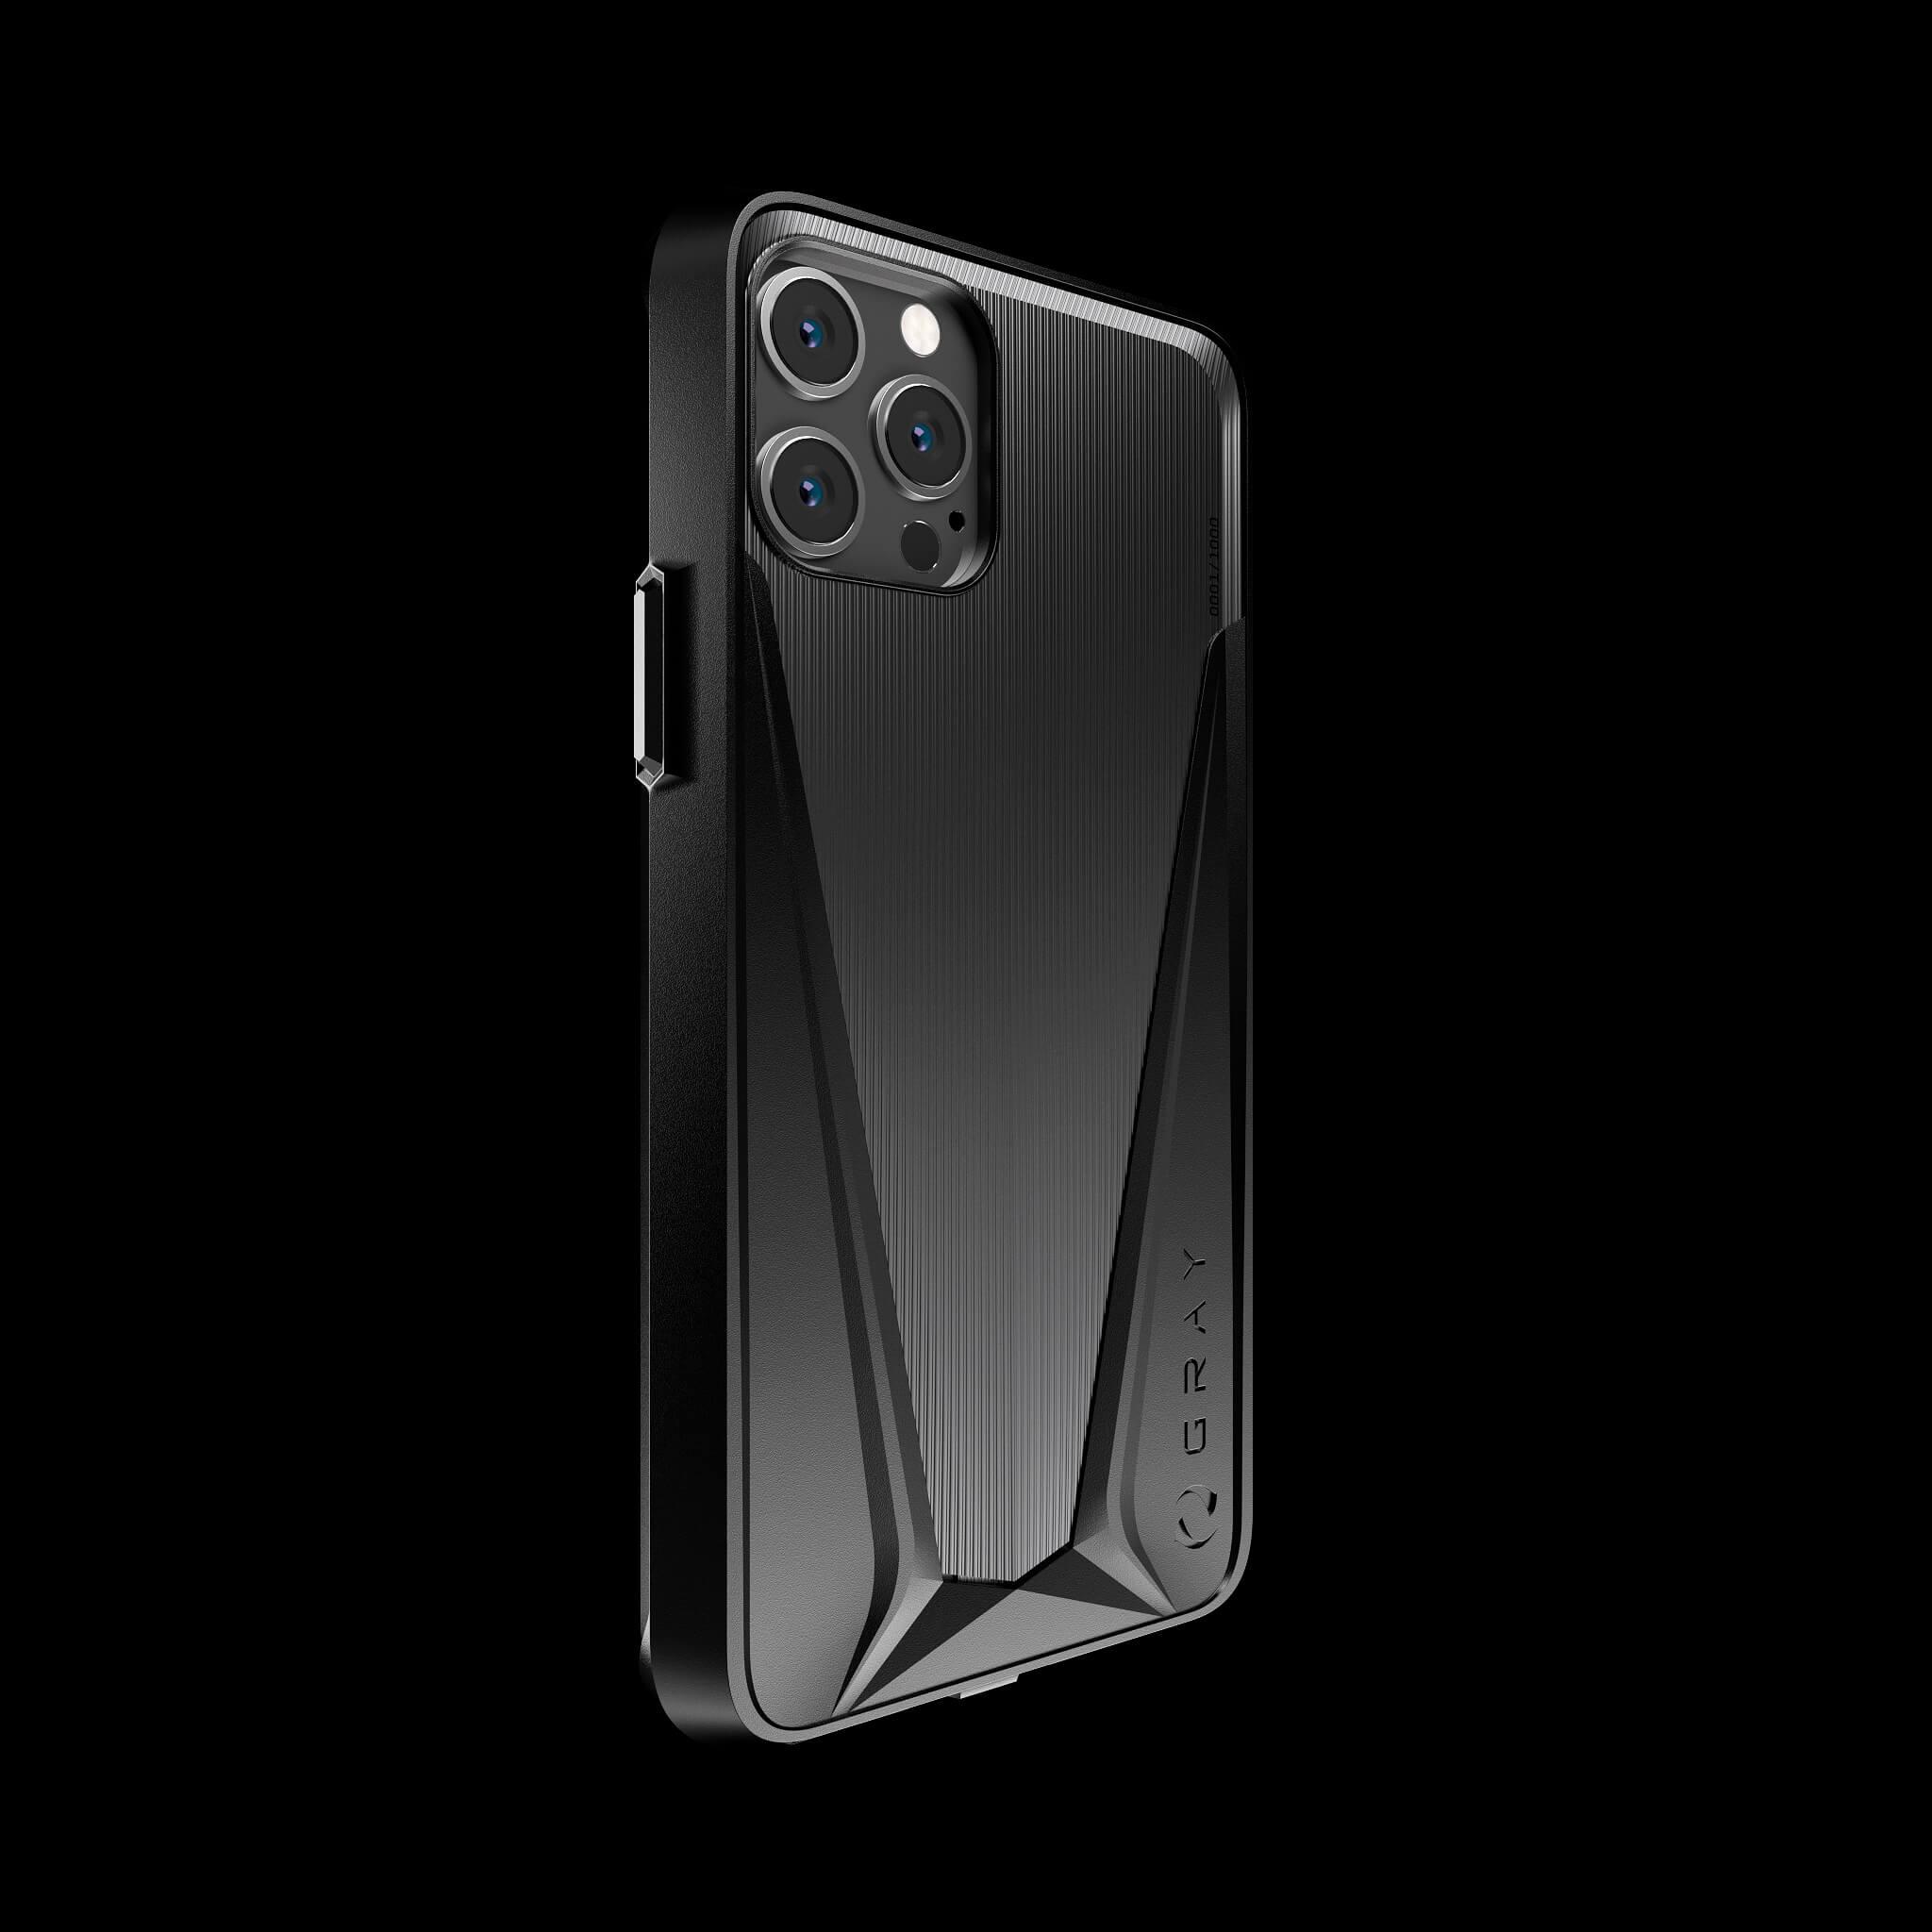 morpheus stealth black pvd titanium iPhone 12 pro case